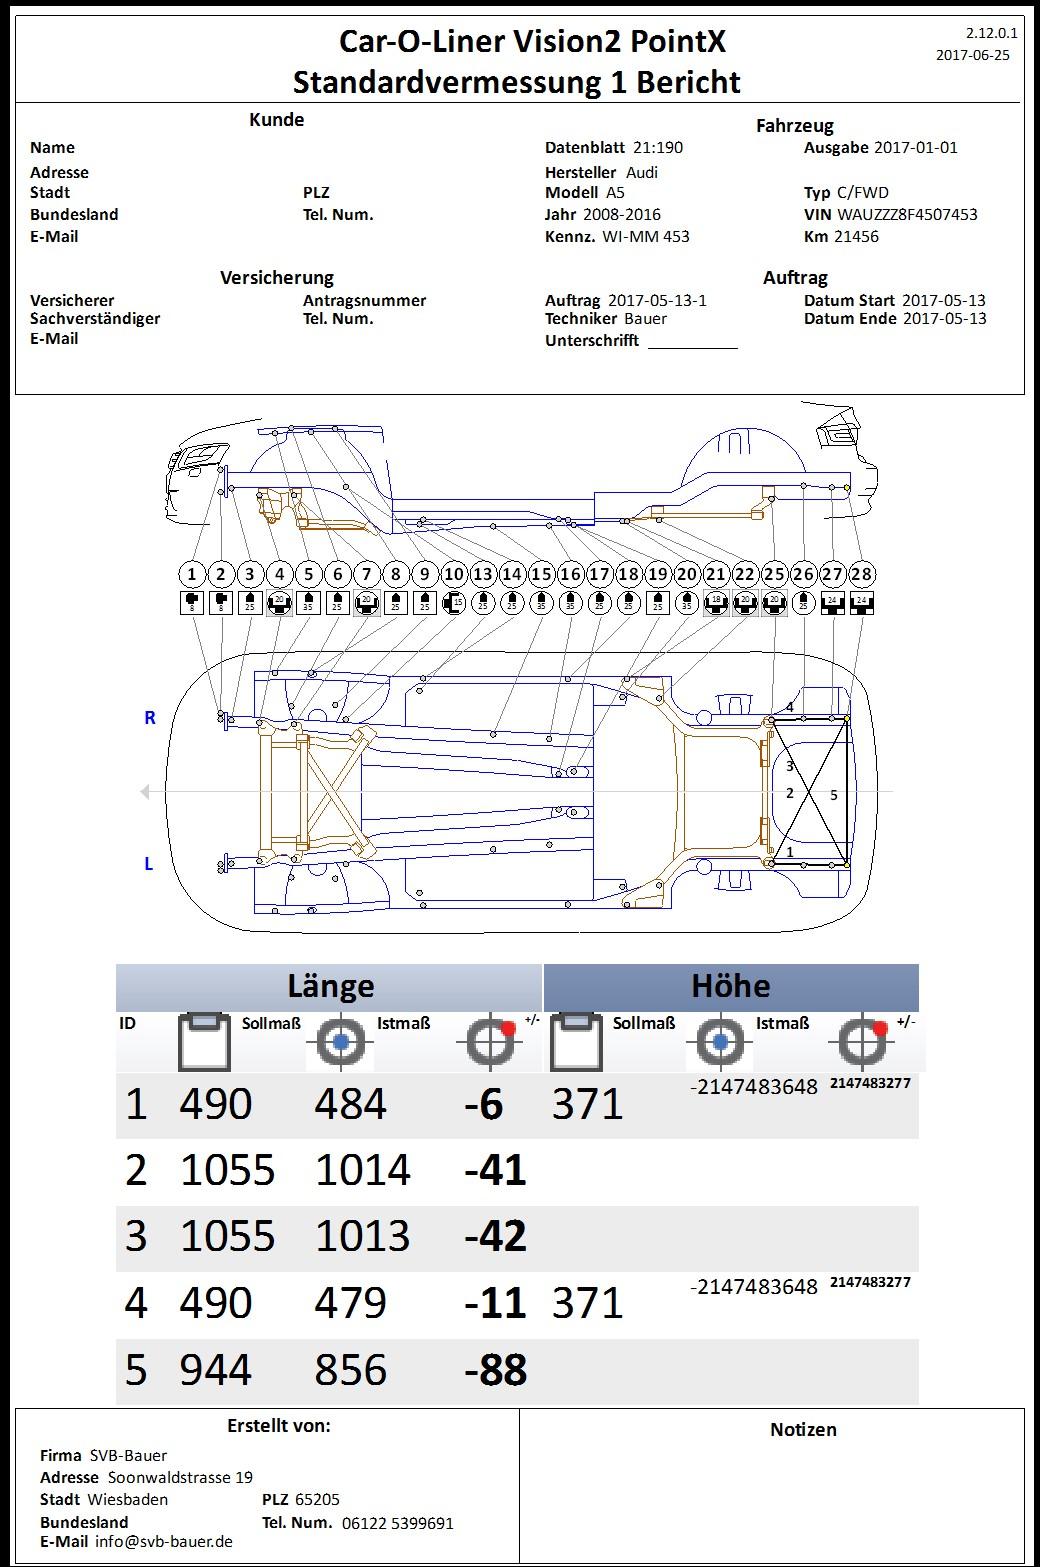 Protokoll Rahmenvermessung, Karosserie vermessen mit dem Car-O-Liner PointX, SVB-Bauer, unabhängiger Kfz-Sachverständiger / Gutachter in Wiesbaden & Umgebung